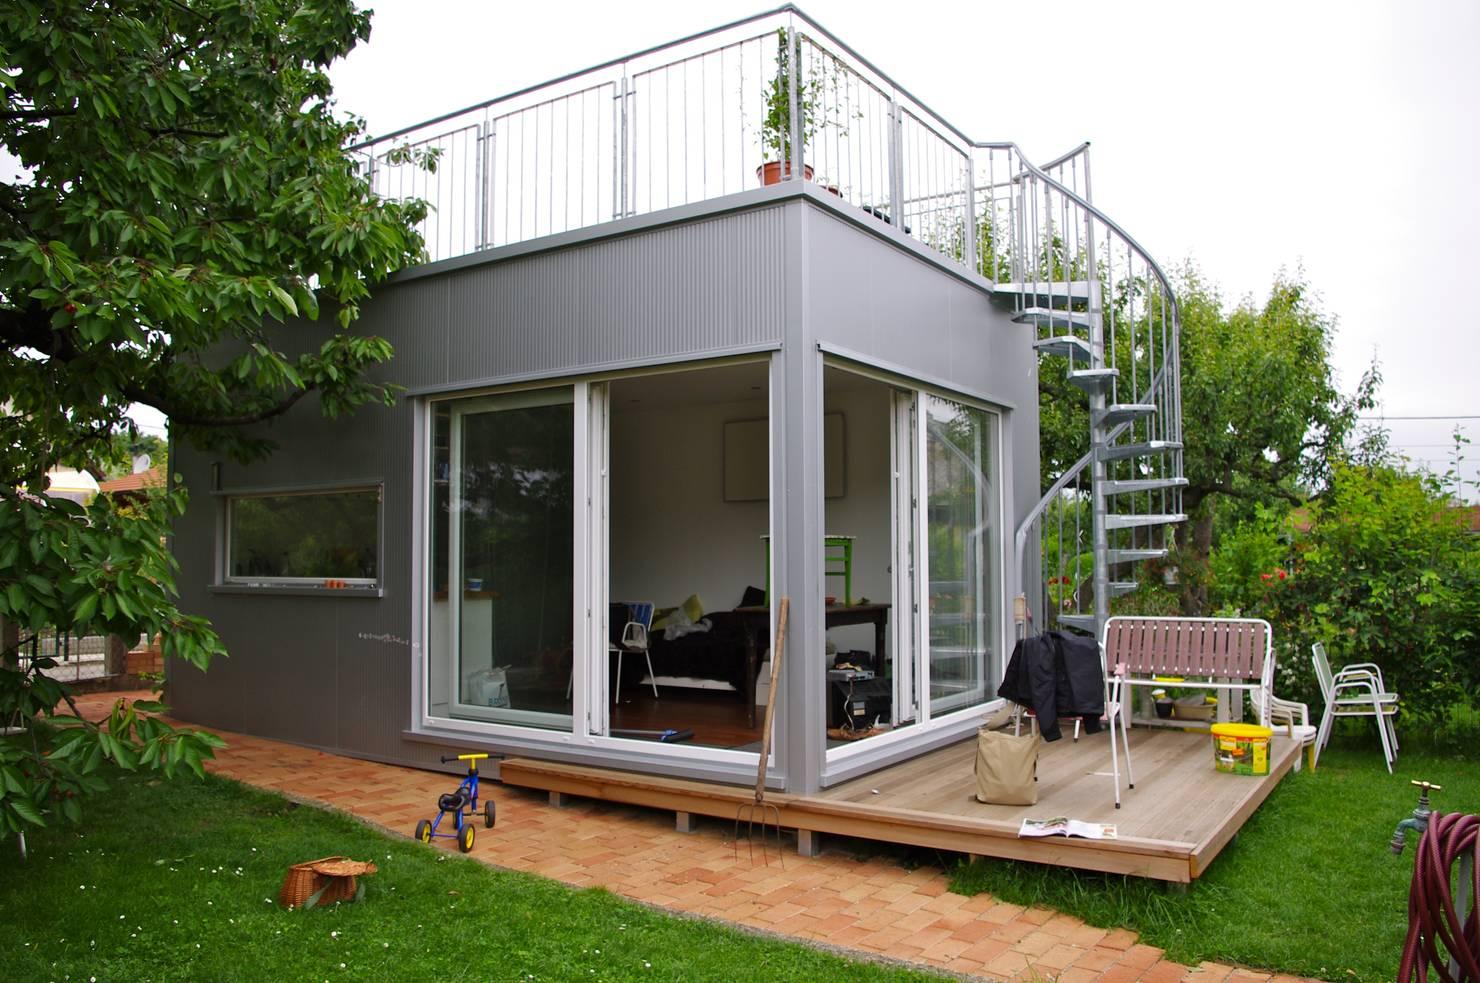 Ein Minihaus mit perfekter Raumaufteilung